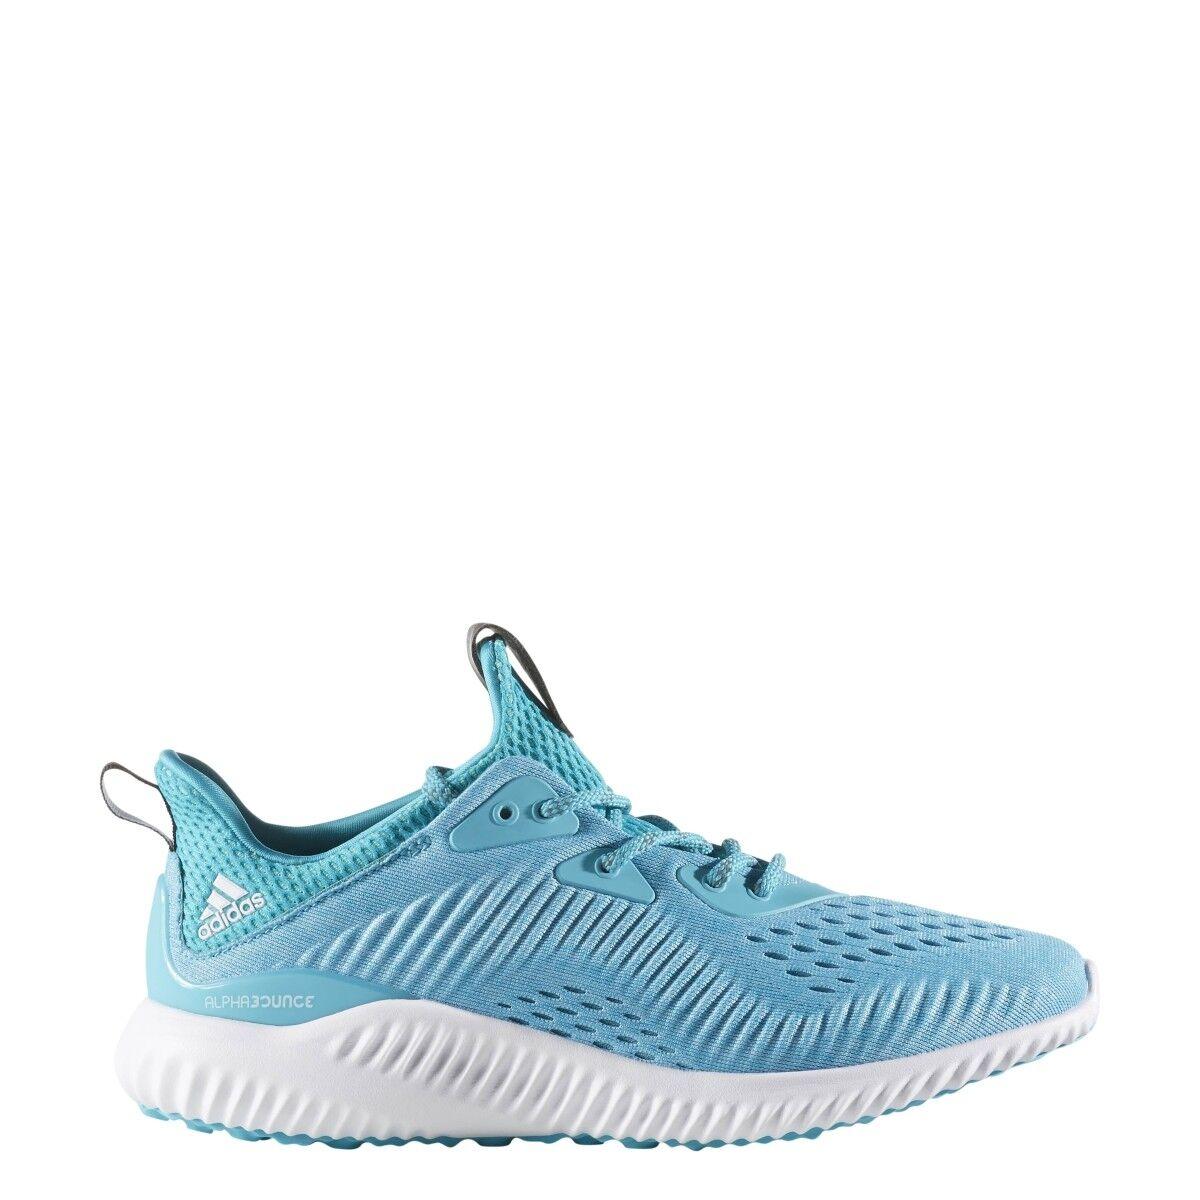 Zapatilla de em running mujer adidas AlphaBounce em de luz azul / blanco cb7752